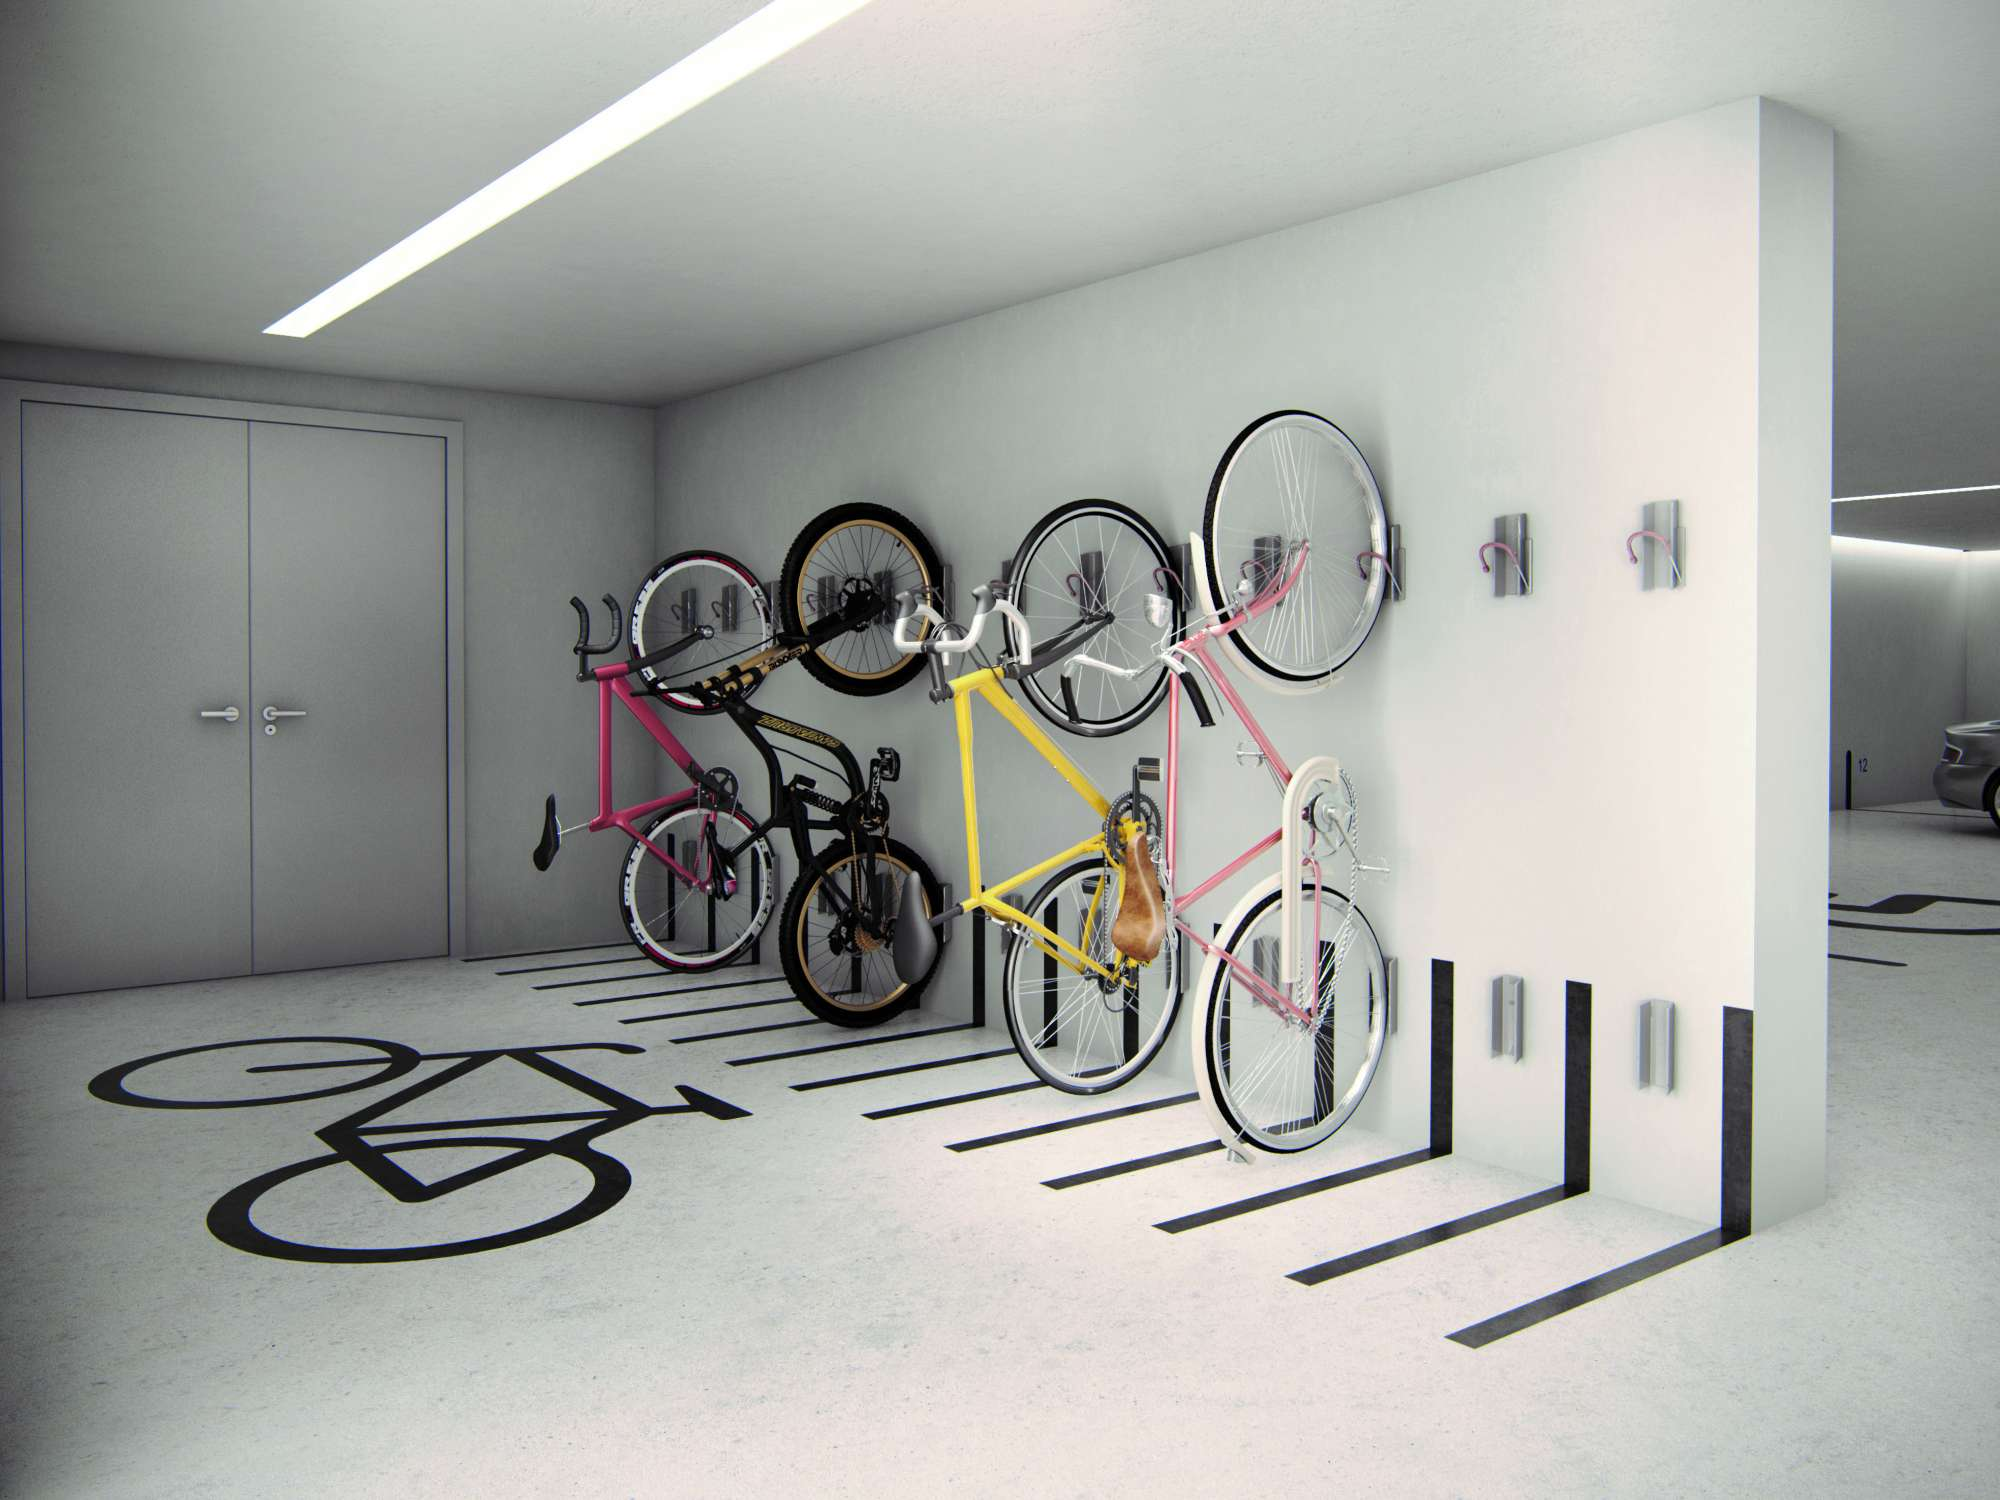 images-prod-prop-023374-ci19_01_parking_bikes_046_1_1629800092350-jpg